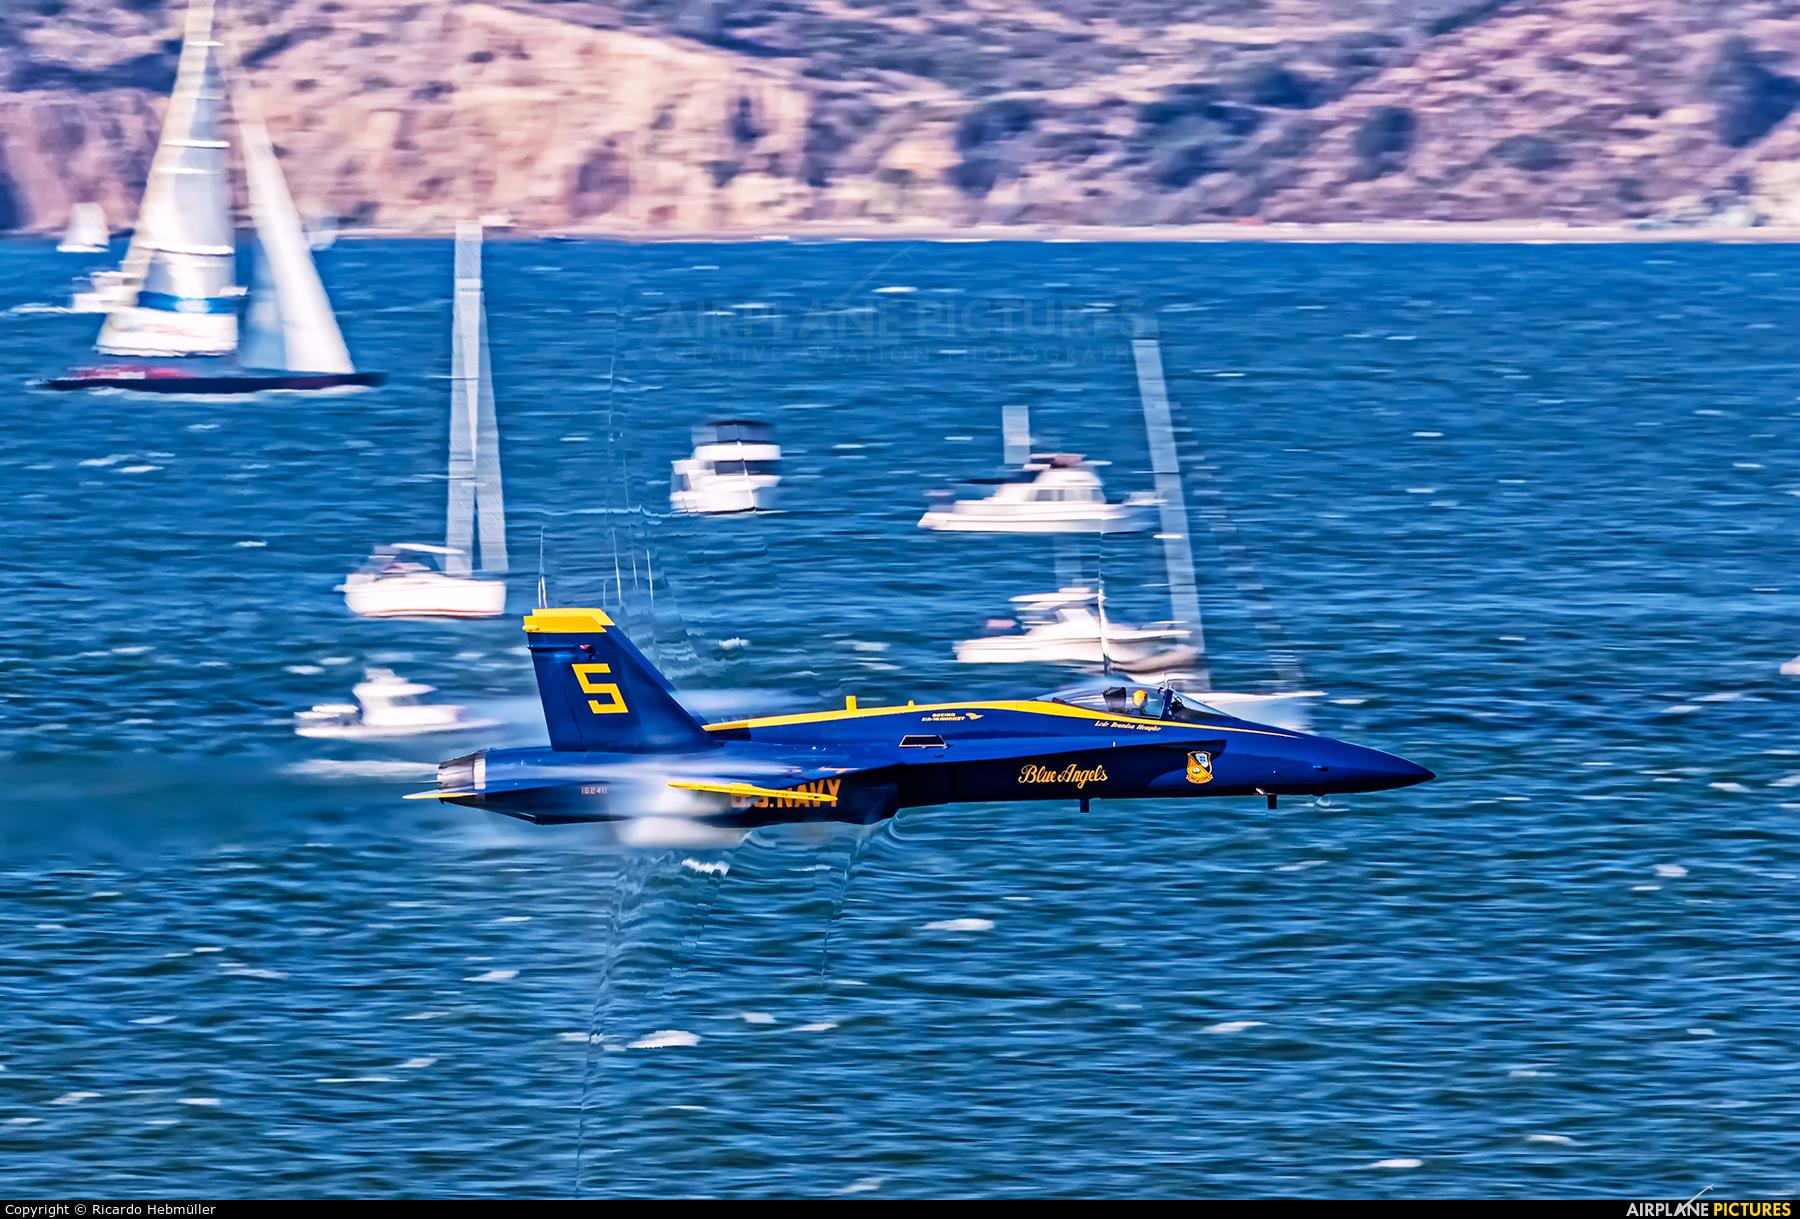 USA - Navy : Blue Angels 162411 aircraft at San Francisco Intl